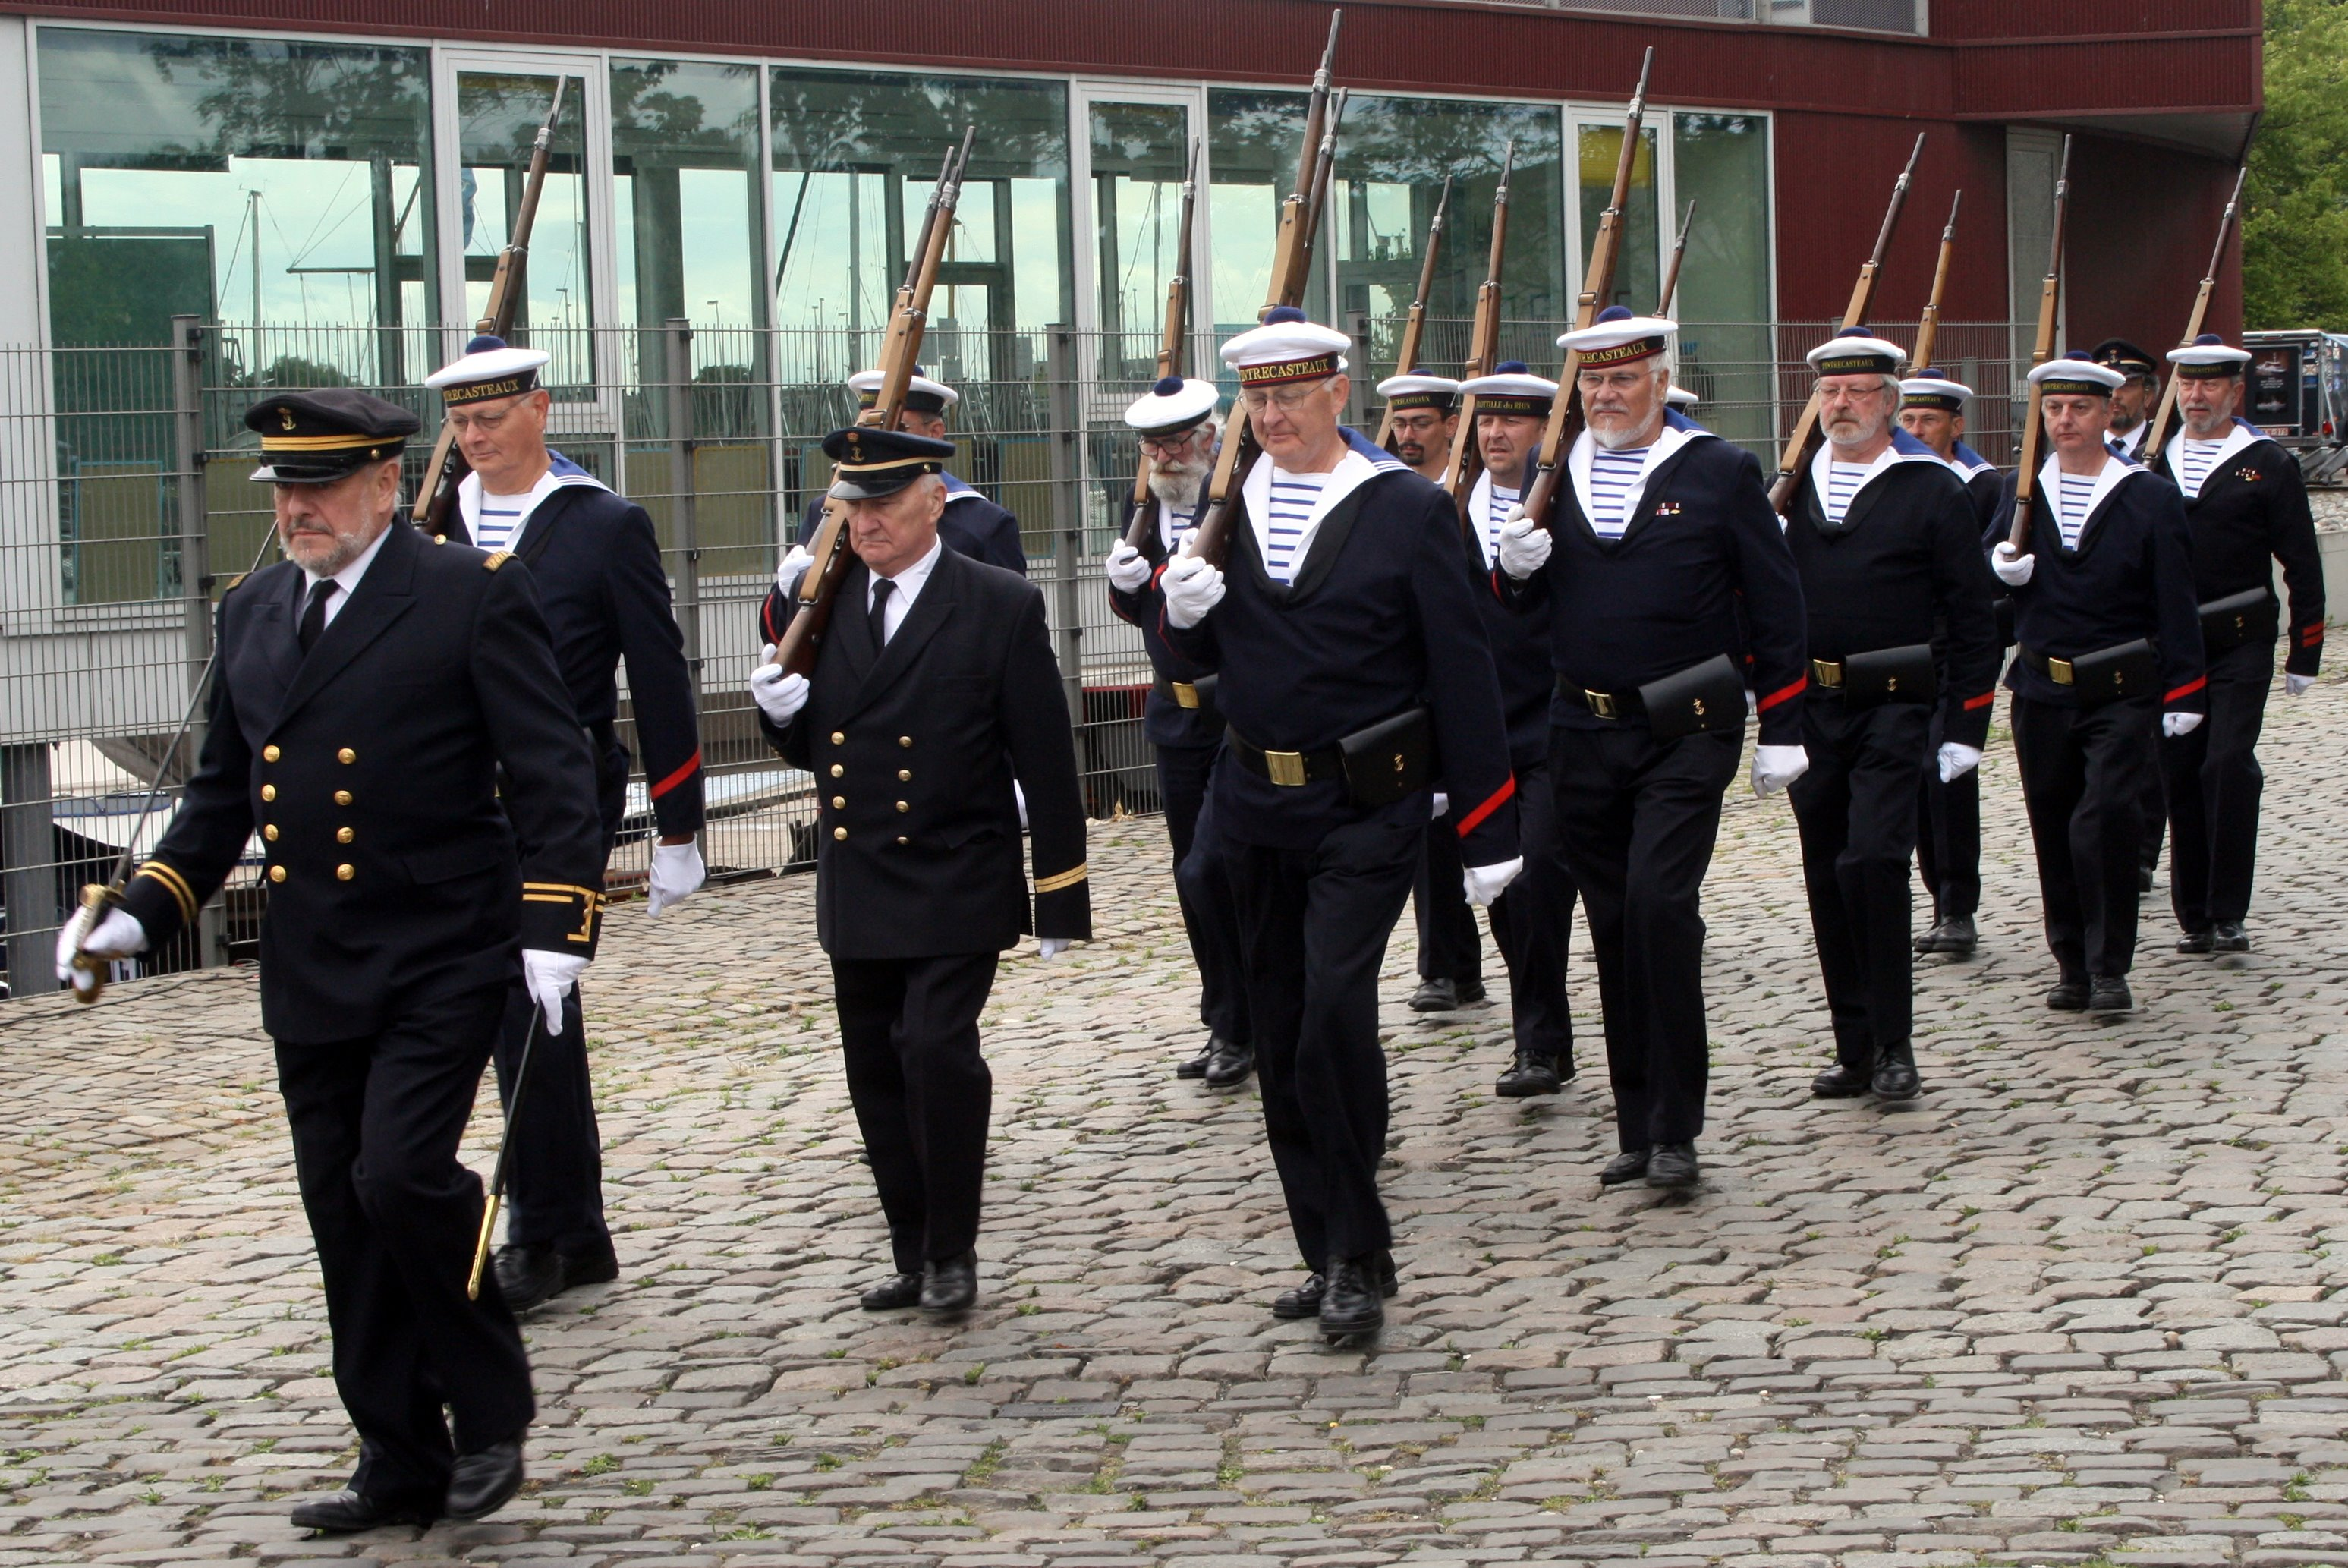 Fastes des Cadets de Marine à Bruxelles le 18/06/2011 - Page 19 1106210500421095838359217